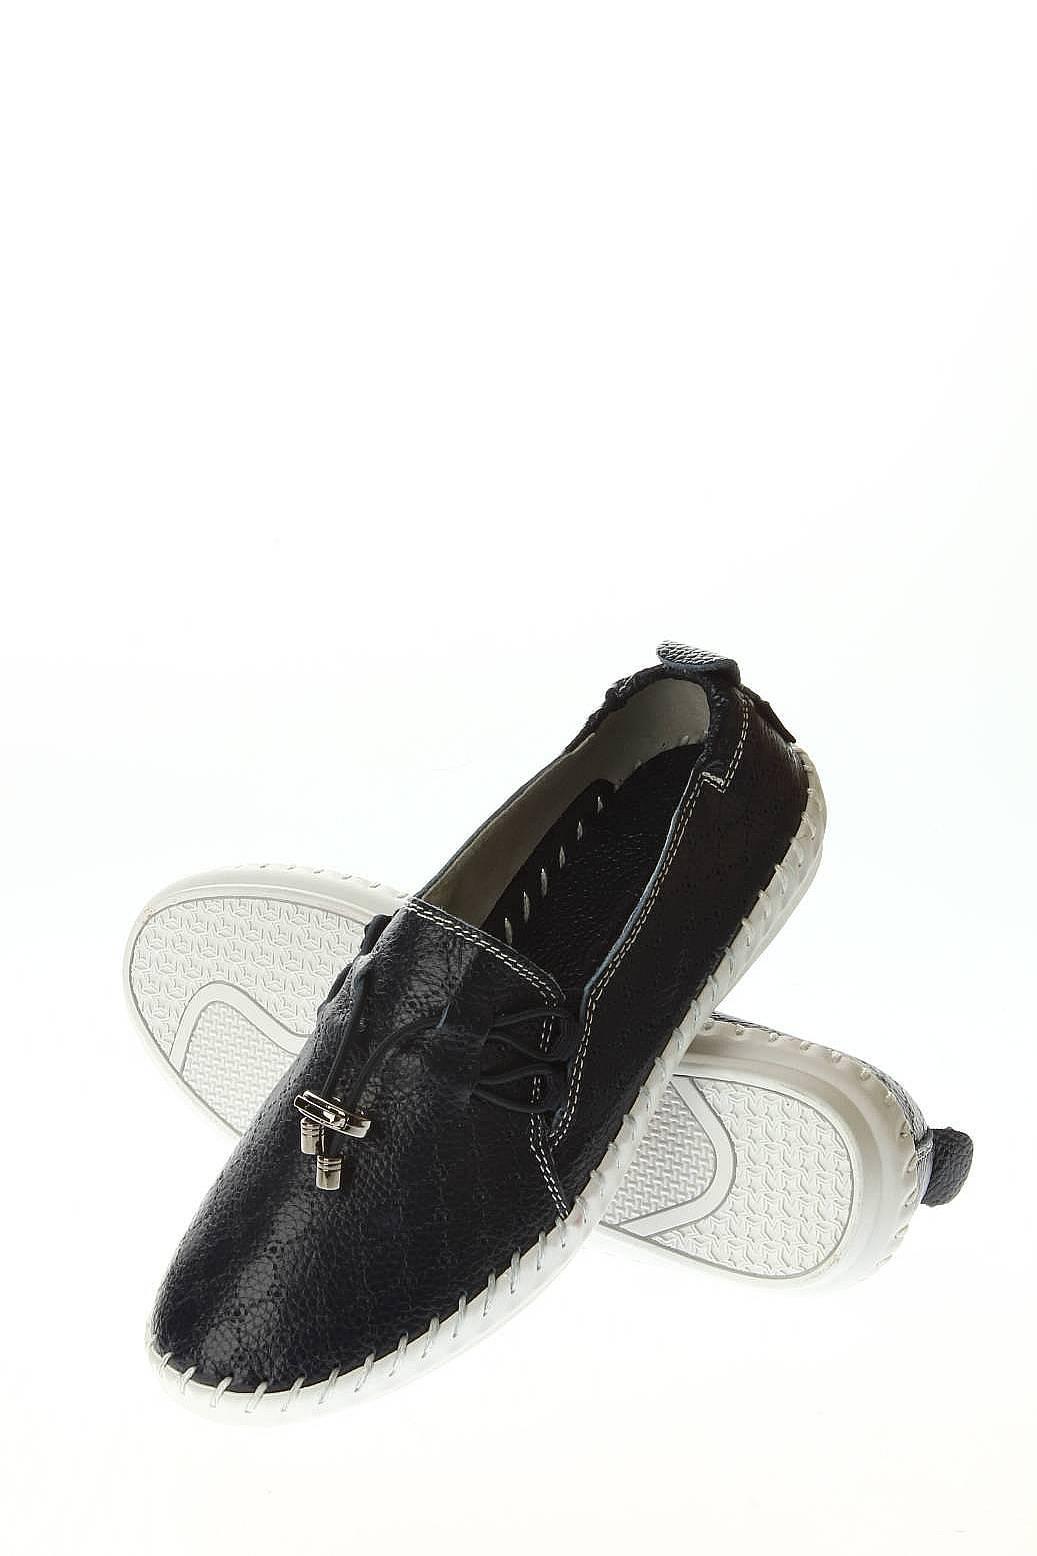 Мужская Обувь Детская Обувь Женская Обувь Ботинки: Benetti Обувь